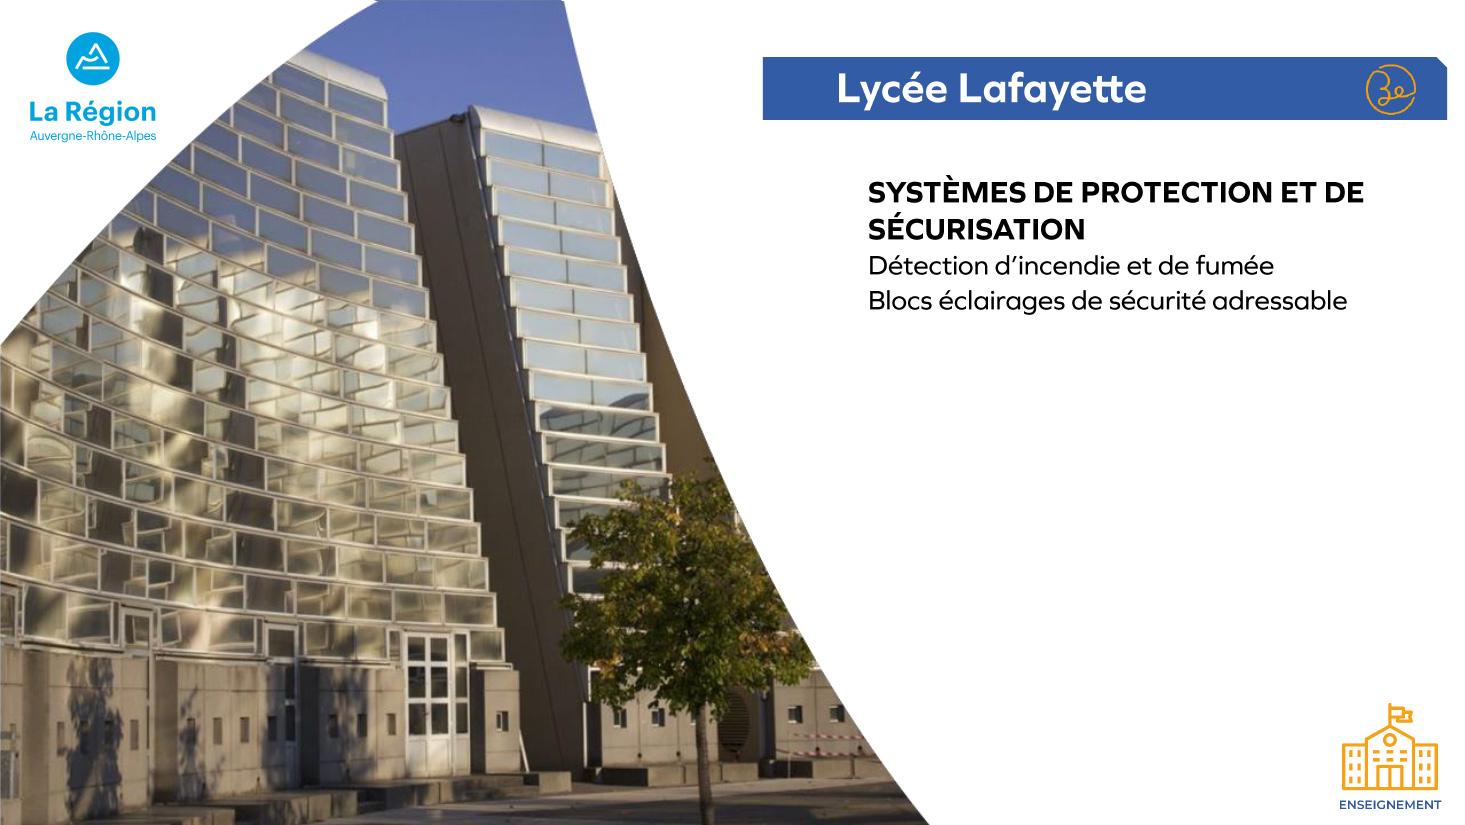 Lycée Lafayette - Enseignement